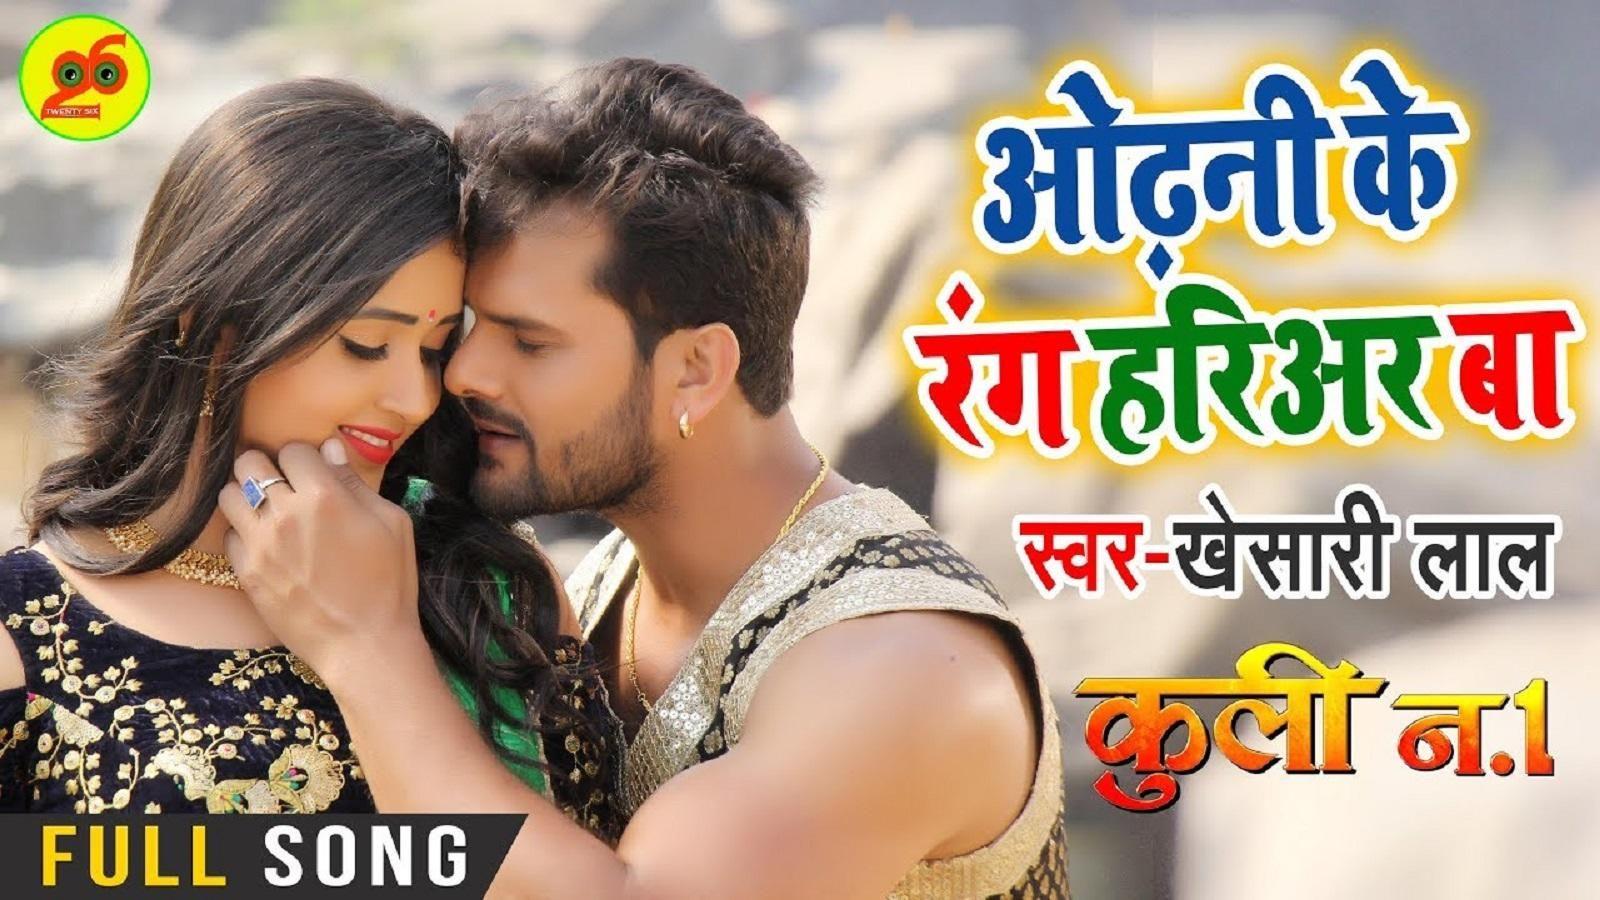 Odhani Ke Rang Hariyar Ba Mp3 Song Download Khesari Lal Yadav Mp3 Song Download Songs Mp3 Song